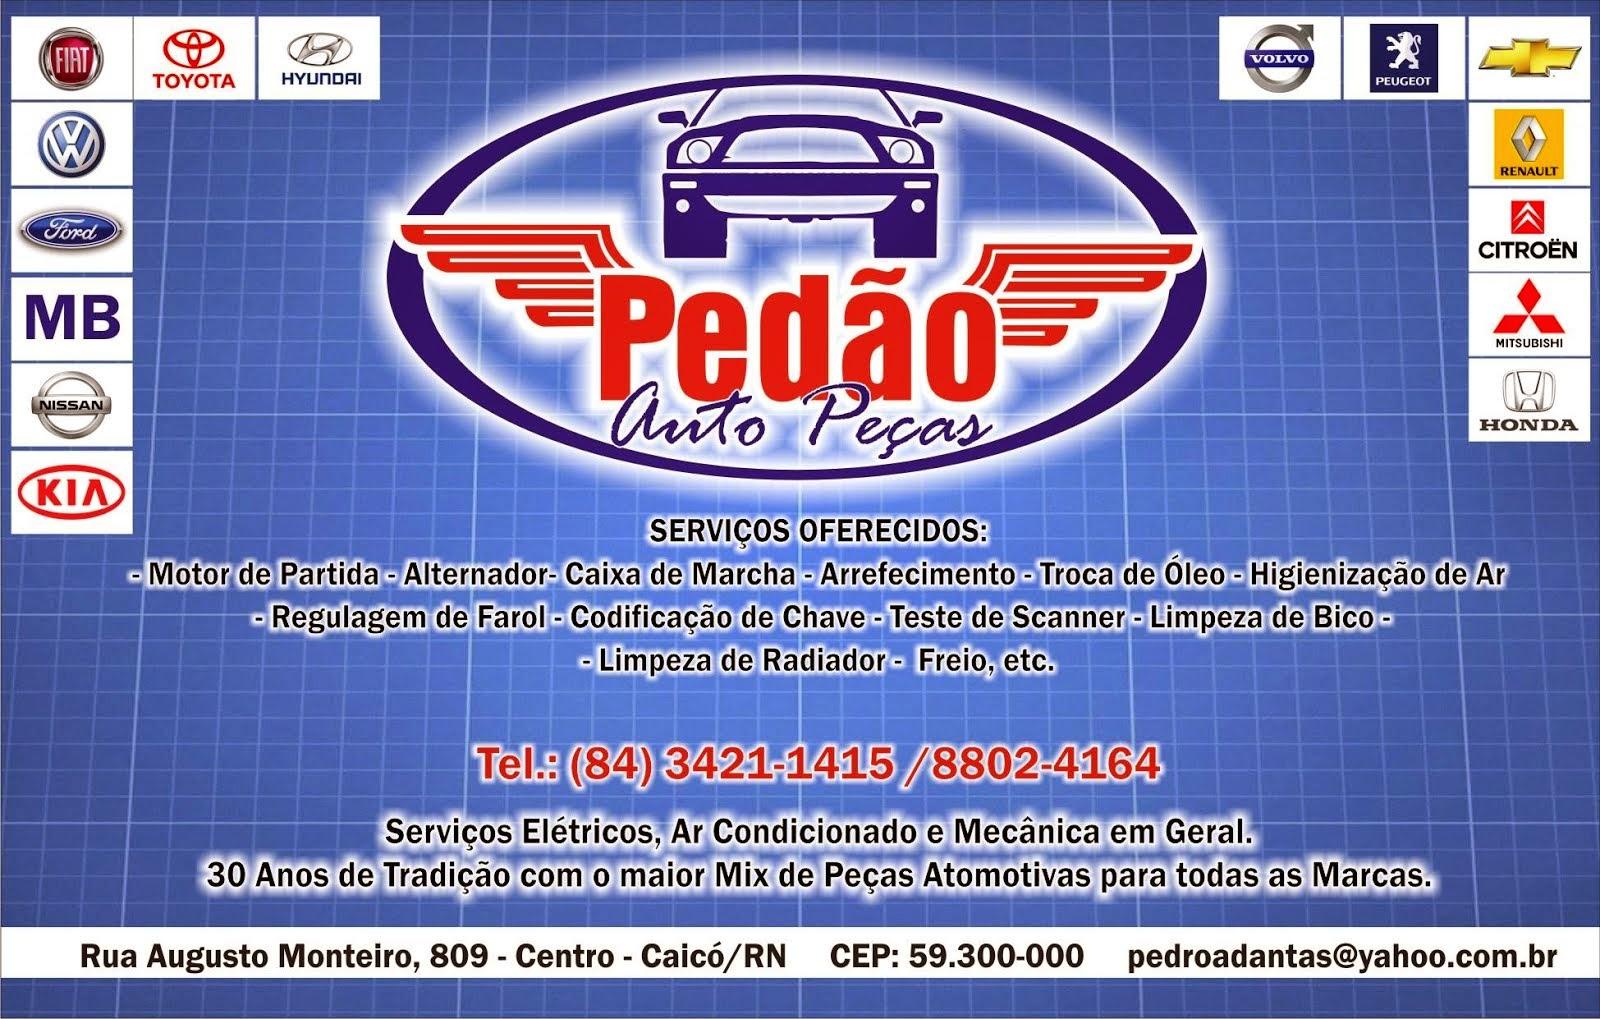 Pedão Auto Peças - Tudo em serviços e peças para seu carro - 34211415 / 88024164